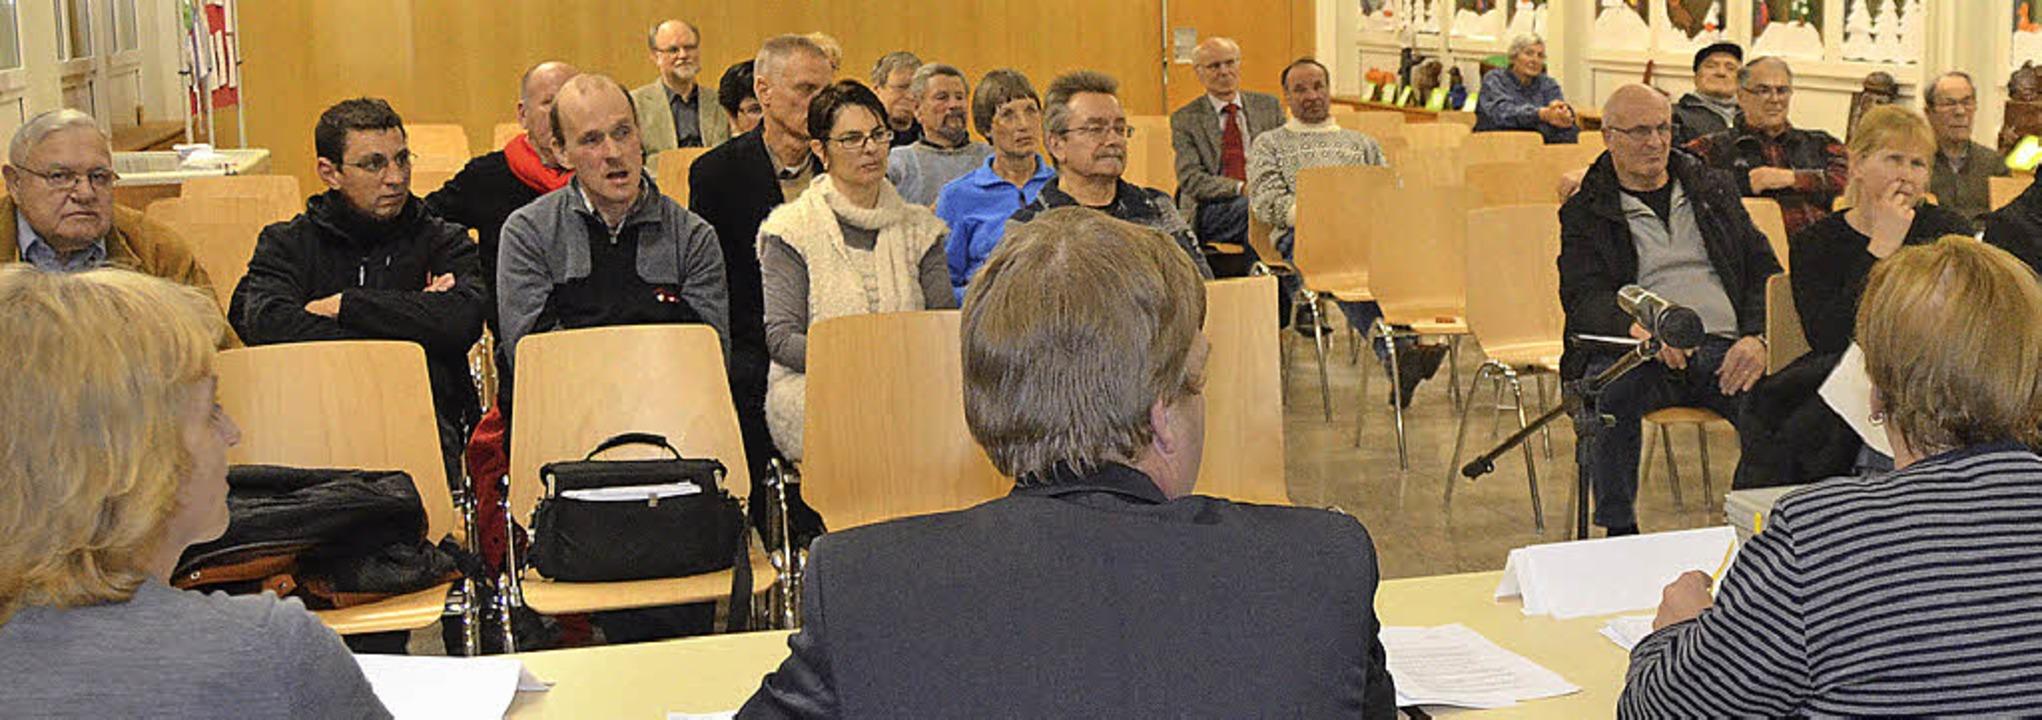 Die Bürger in der Aula der Lindenschule hatten viele Ideen.  | Foto: Ralf H. Dorweiler